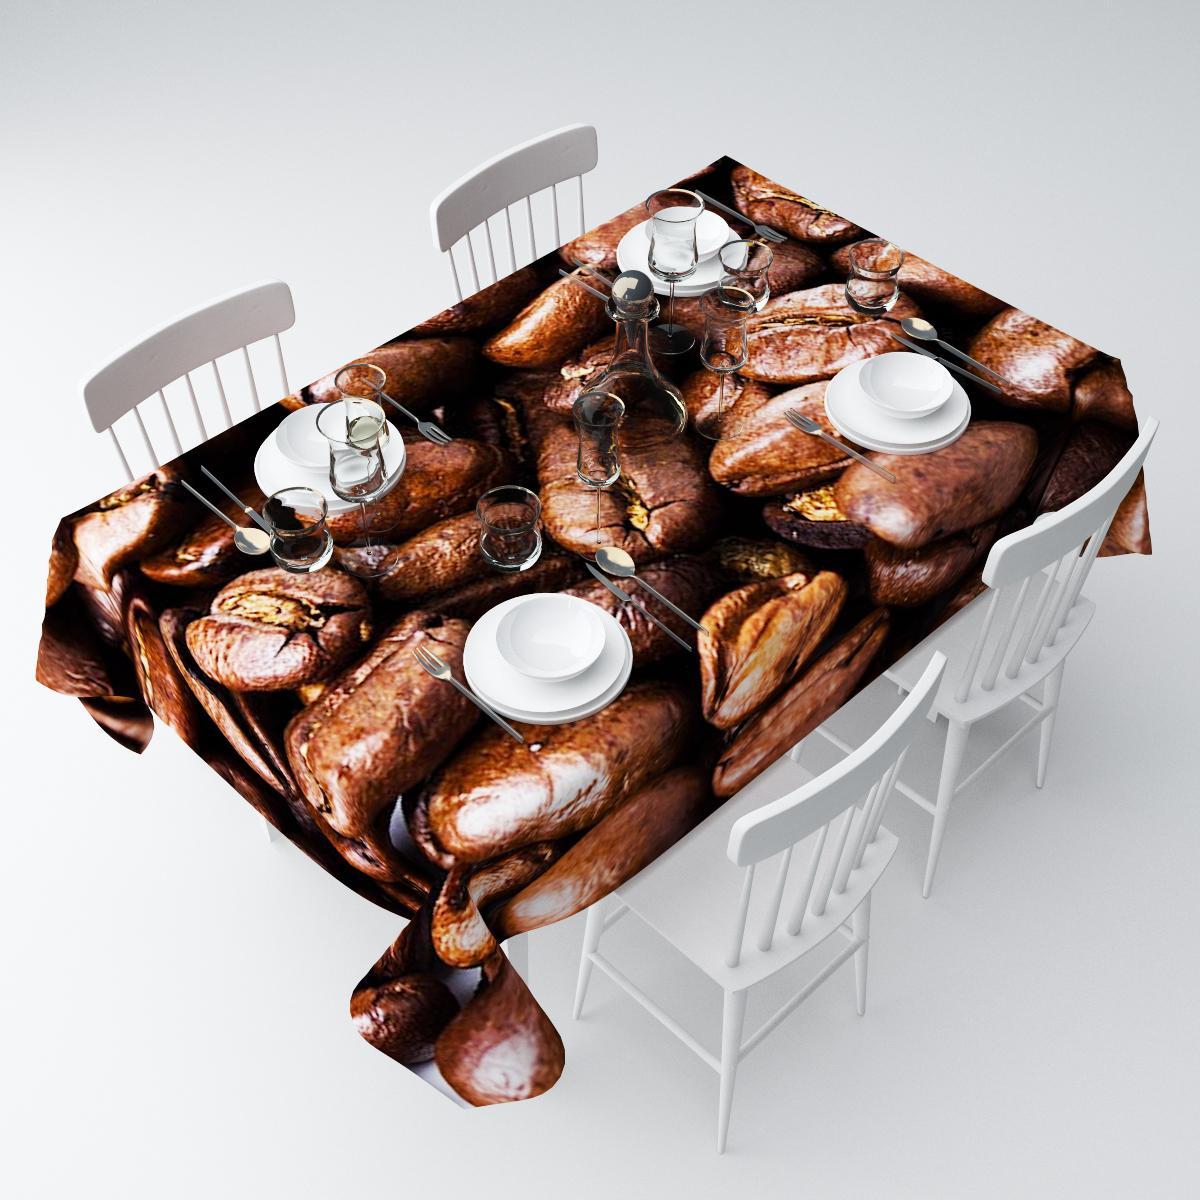 Скатерть Сирень Ароматный кофе, прямоугольная, 145 х 120 смСКГБ003-00992Прямоугольная скатерть Сирень Ароматный кофе, выполненная изгабардина с ярким рисунком, преобразит вашу кухню, визуальнорасширит пространство, создаст атмосферу радости и комфорта.Рекомендации по уходу: стирка при 30 градусах, гладить при температуре до 110градусов. Размер скатерти: 145 х 120 см.Изображение может немного отличаться от реального.